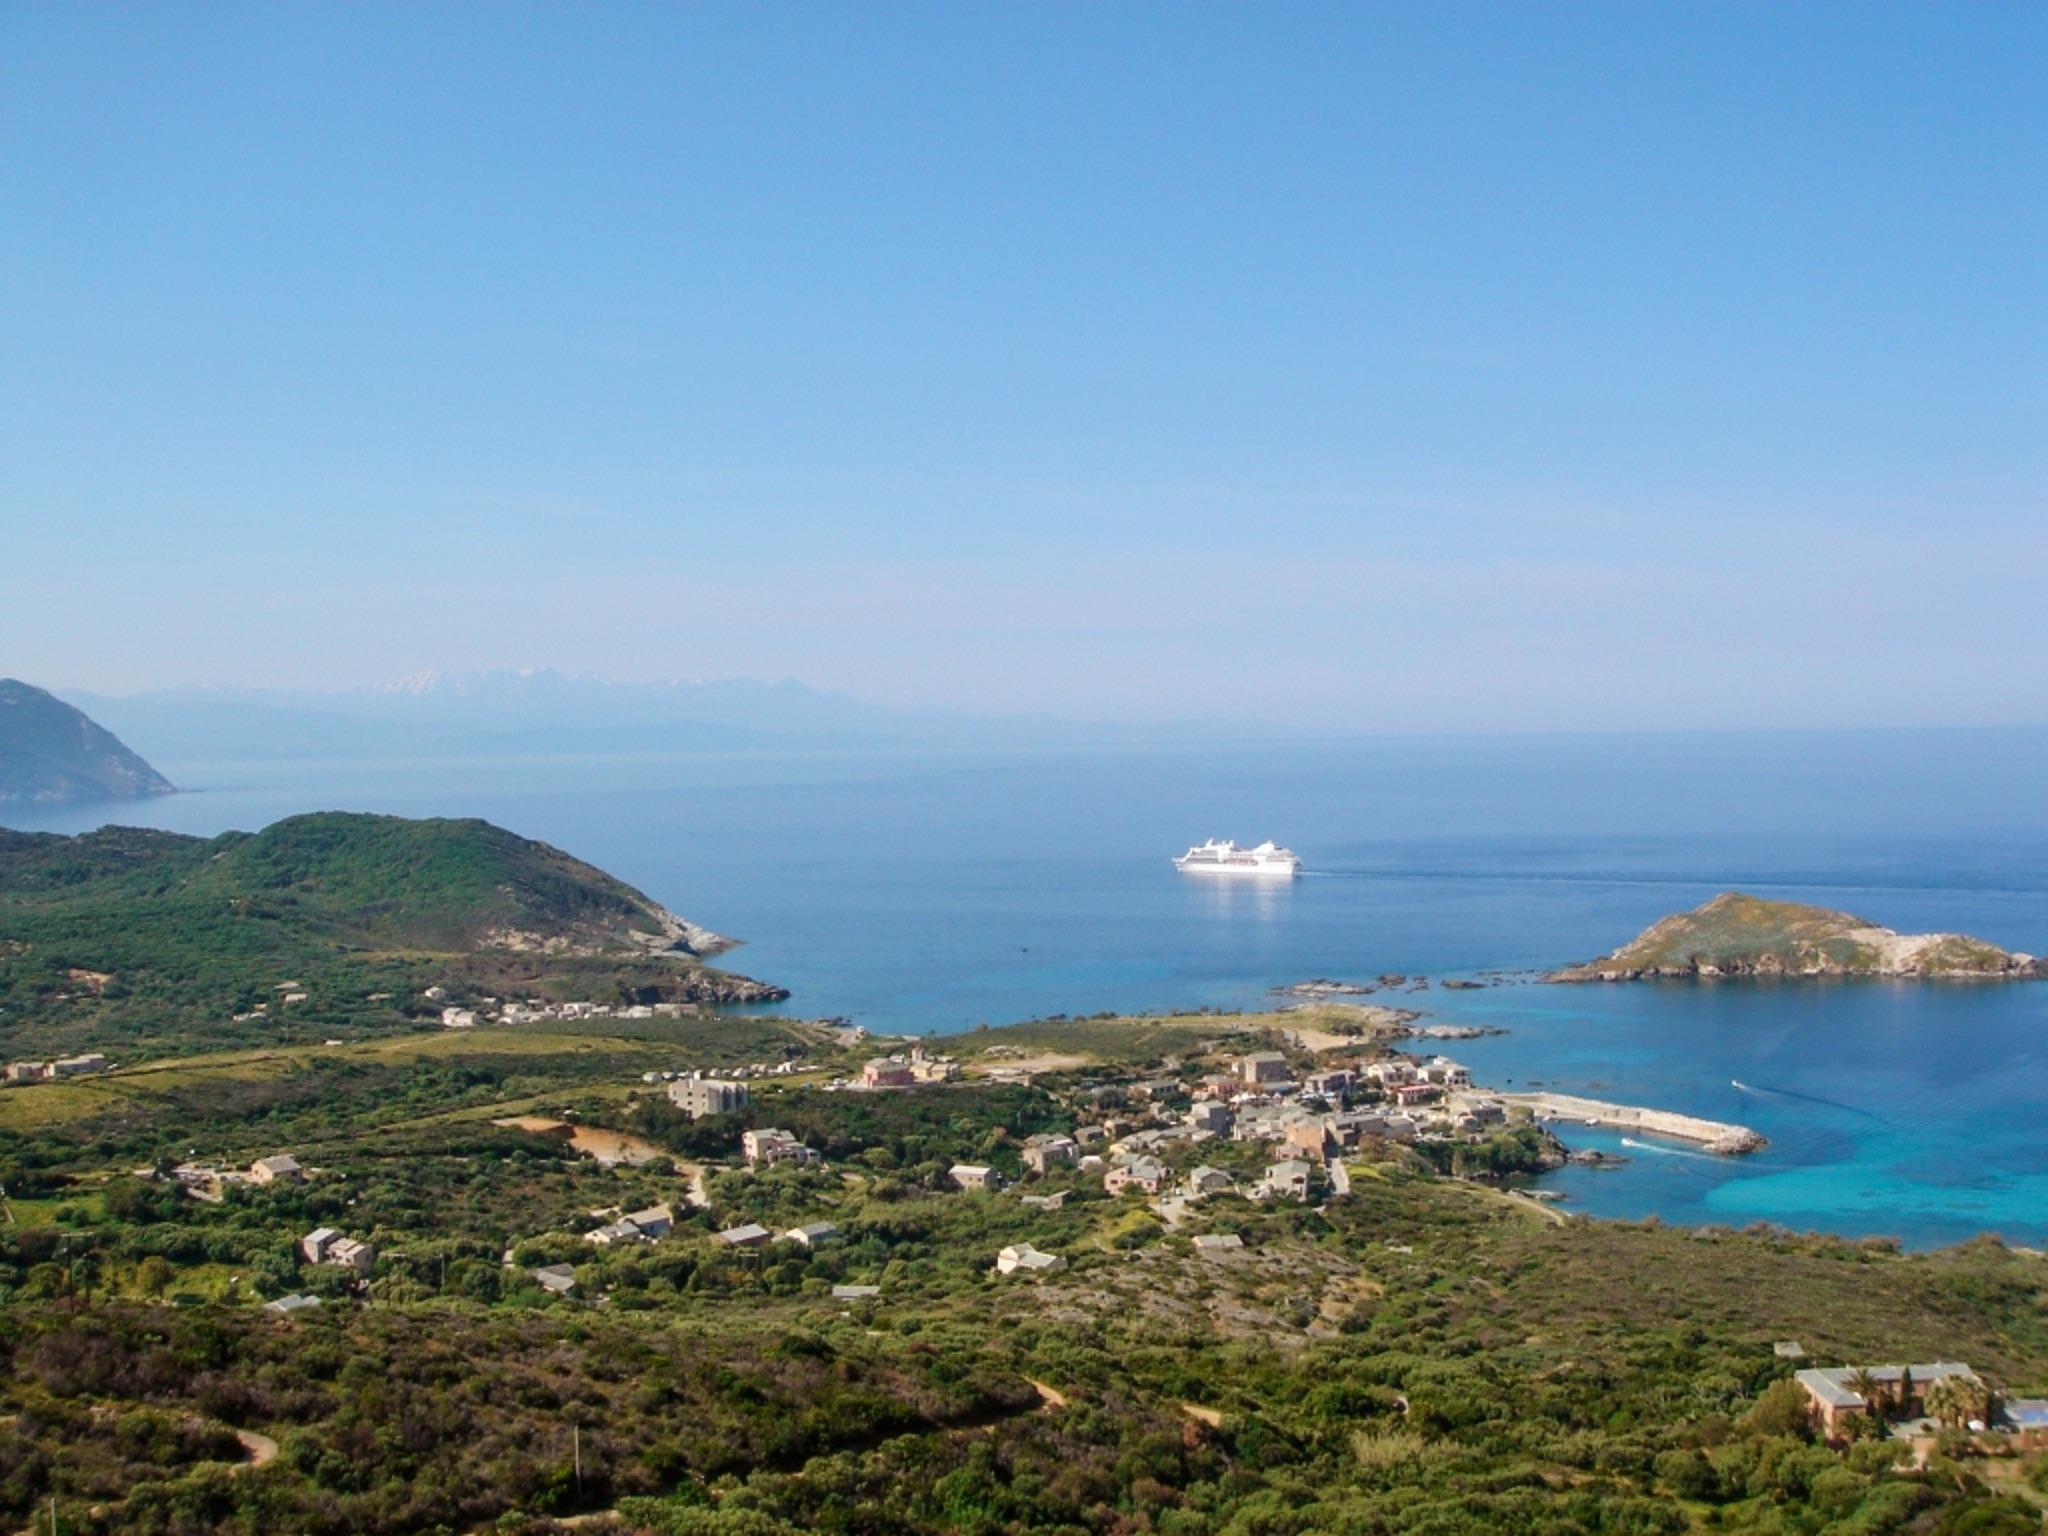 Maison de vacances Herrliches Haus mit neun Schlafzimmern und grandiosem Blick aufs Meer im hübschen Dörfchen (2202571), Centuri, Haute-Corse, Corse, France, image 7